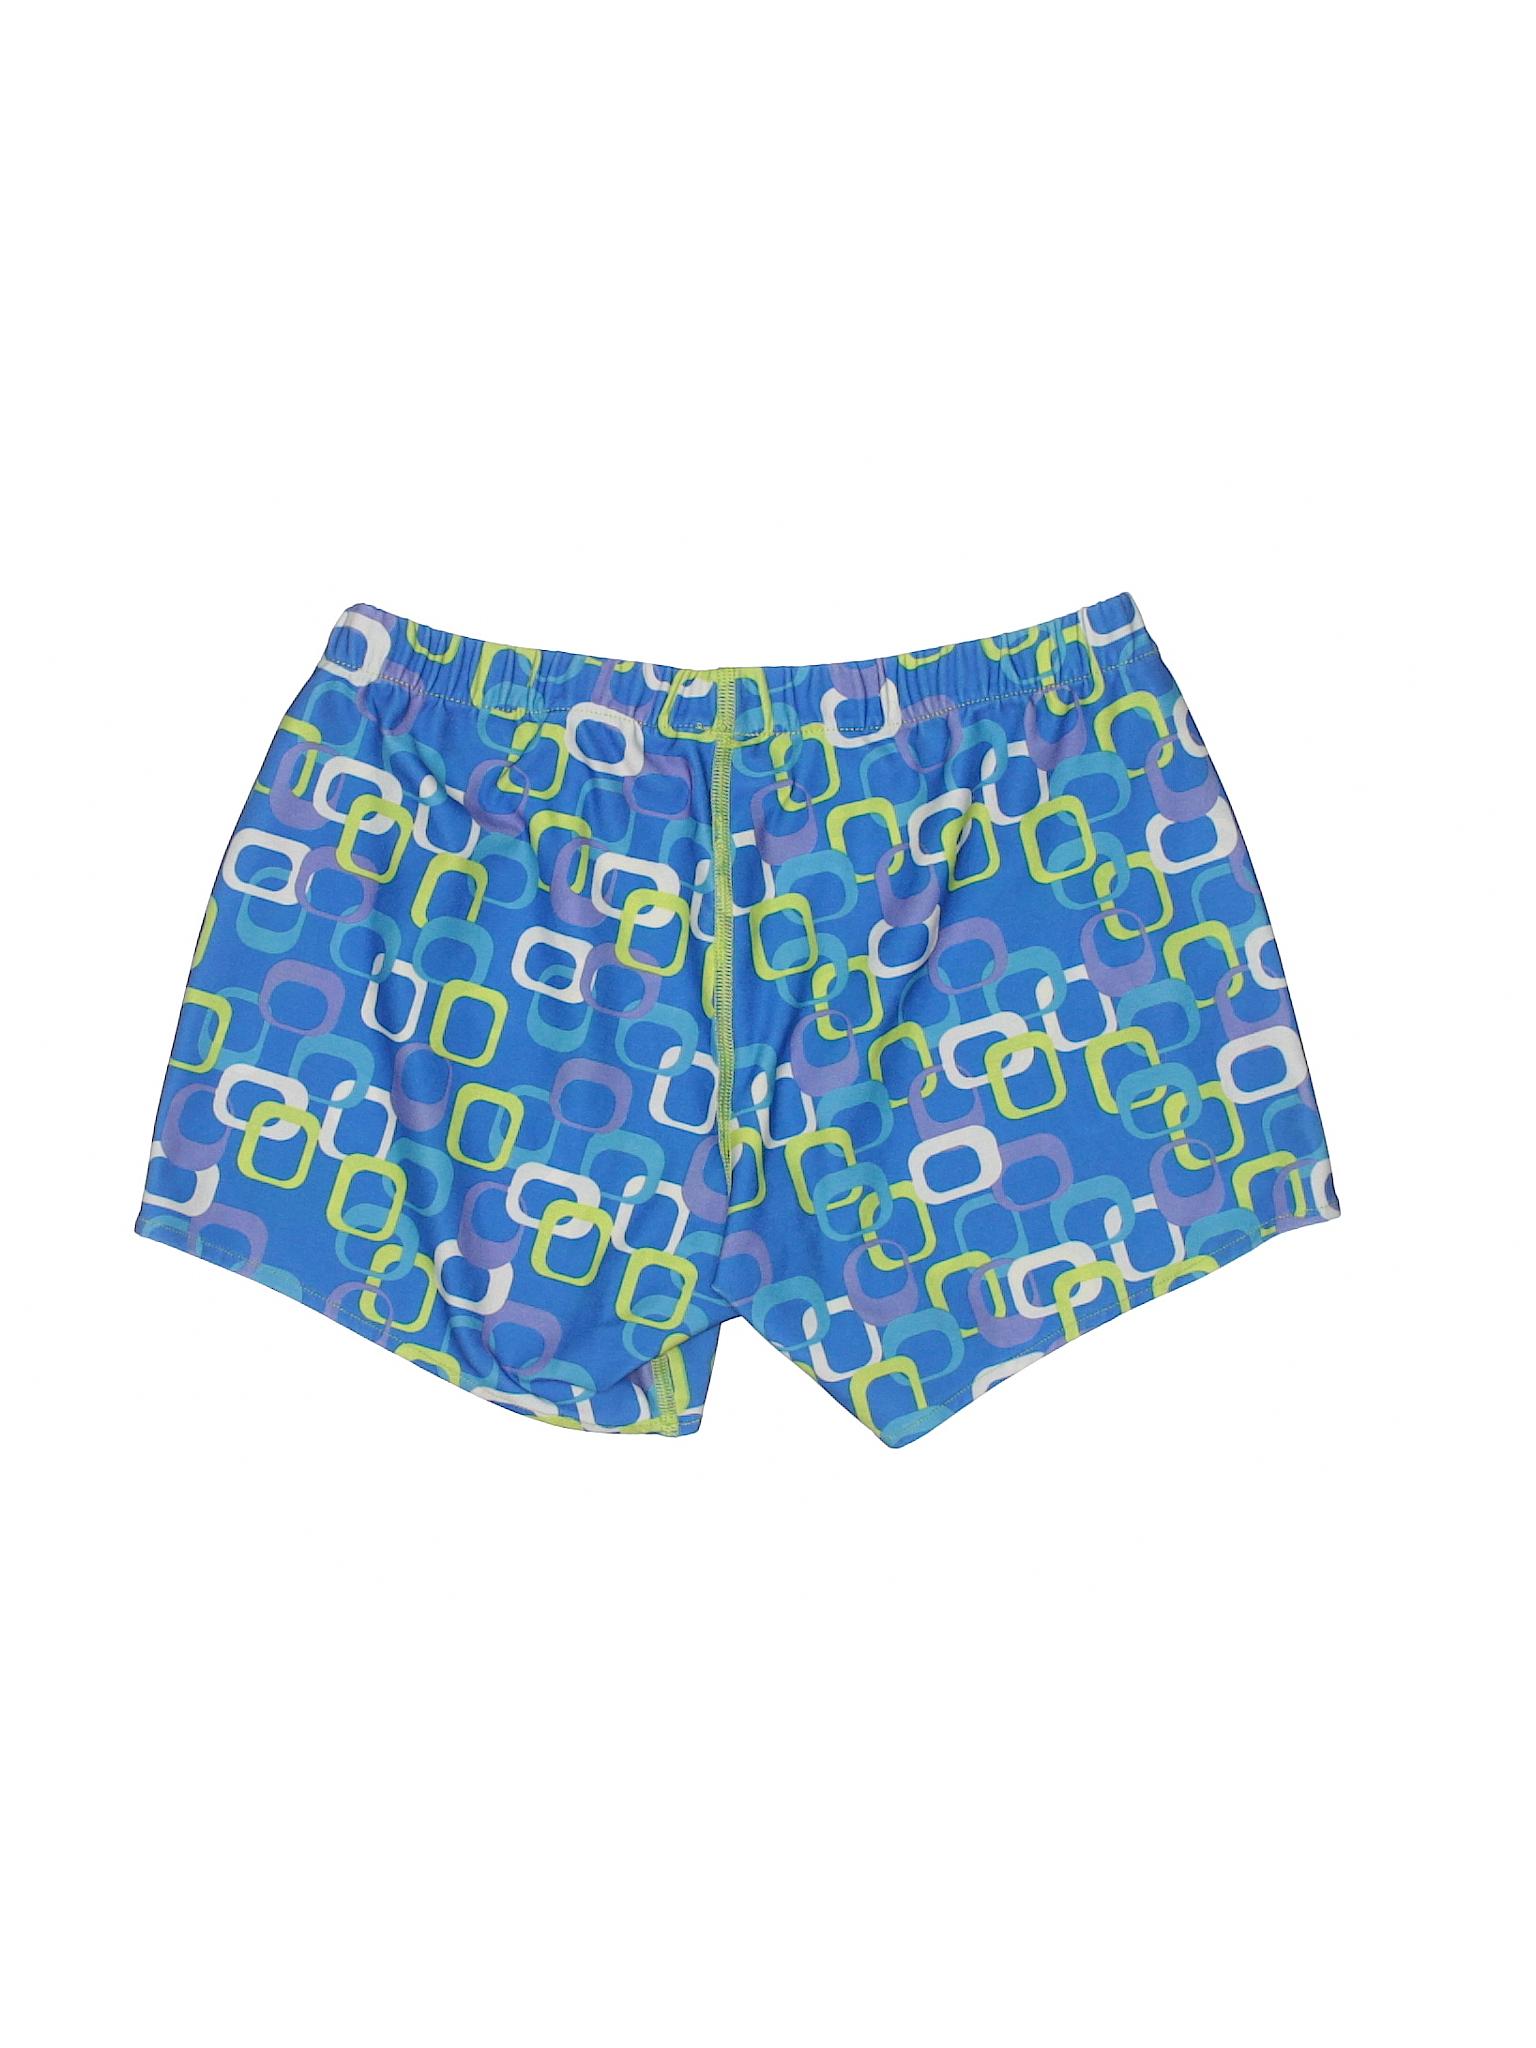 Shorts Athletic Boutique Boutique Athletic Shorts Asics Asics Boutique Asics 1I0aRRq